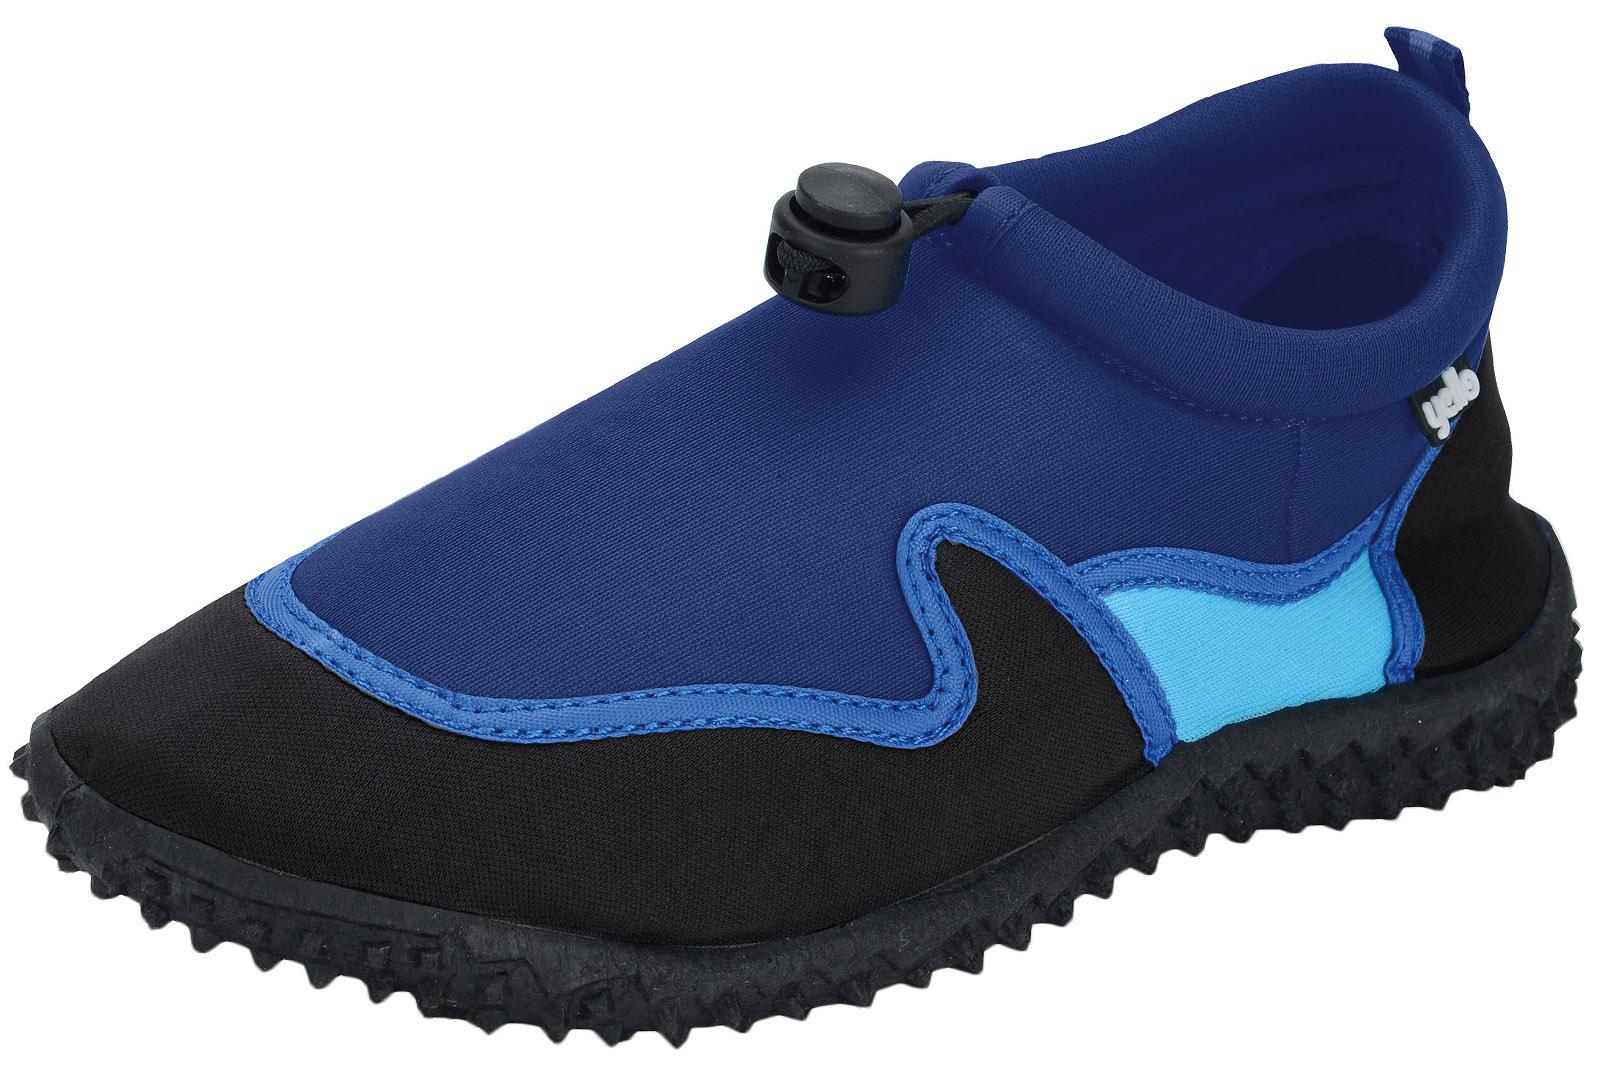 miglior fornitore miglior sito web belle scarpe Da Uomo Ragazzi AQUA Calze Spiaggia Acqua Scarpe Scuba Nuoto Surf ...